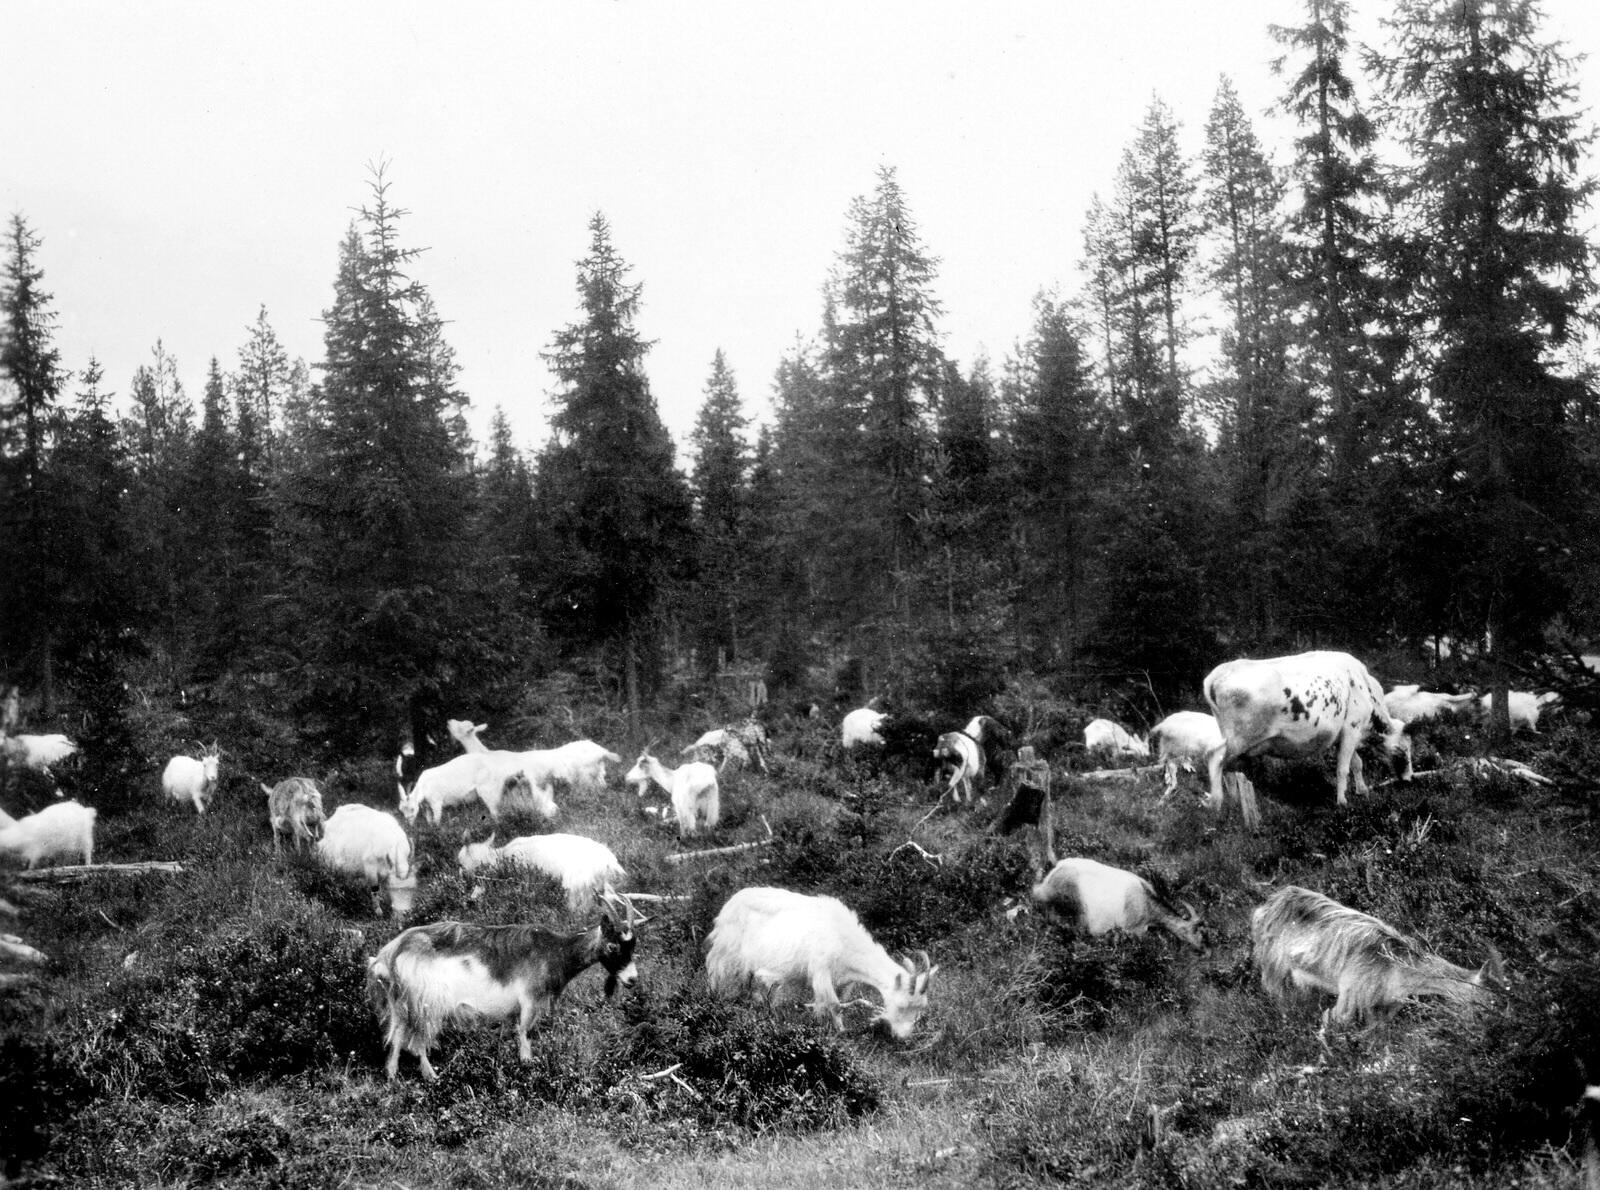 Människans påverkan på skogen var liten. Där hämtade man byggnadsvirke och brännved. Där släppte man också sin kor och getter på bete.